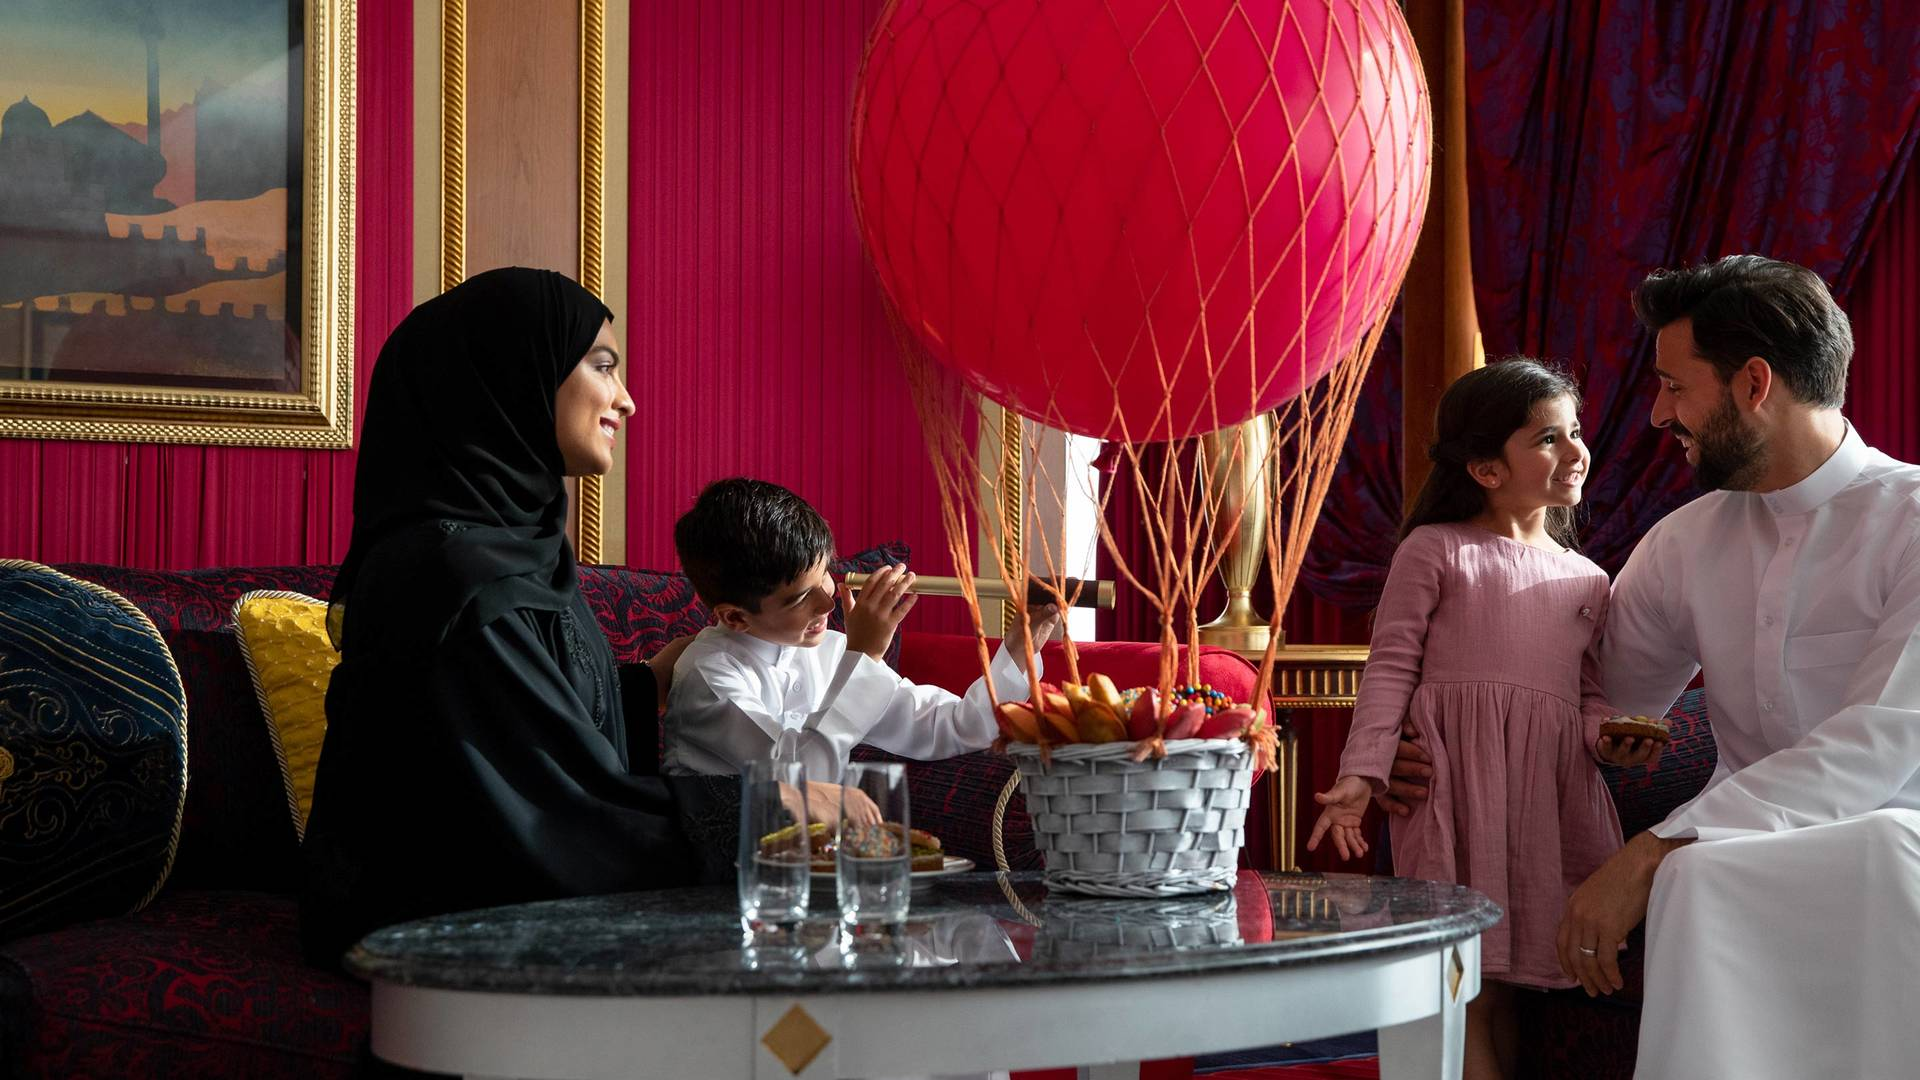 Jumeirah Burj Al Arab Two bedroom family suite Saudi Family_16-9